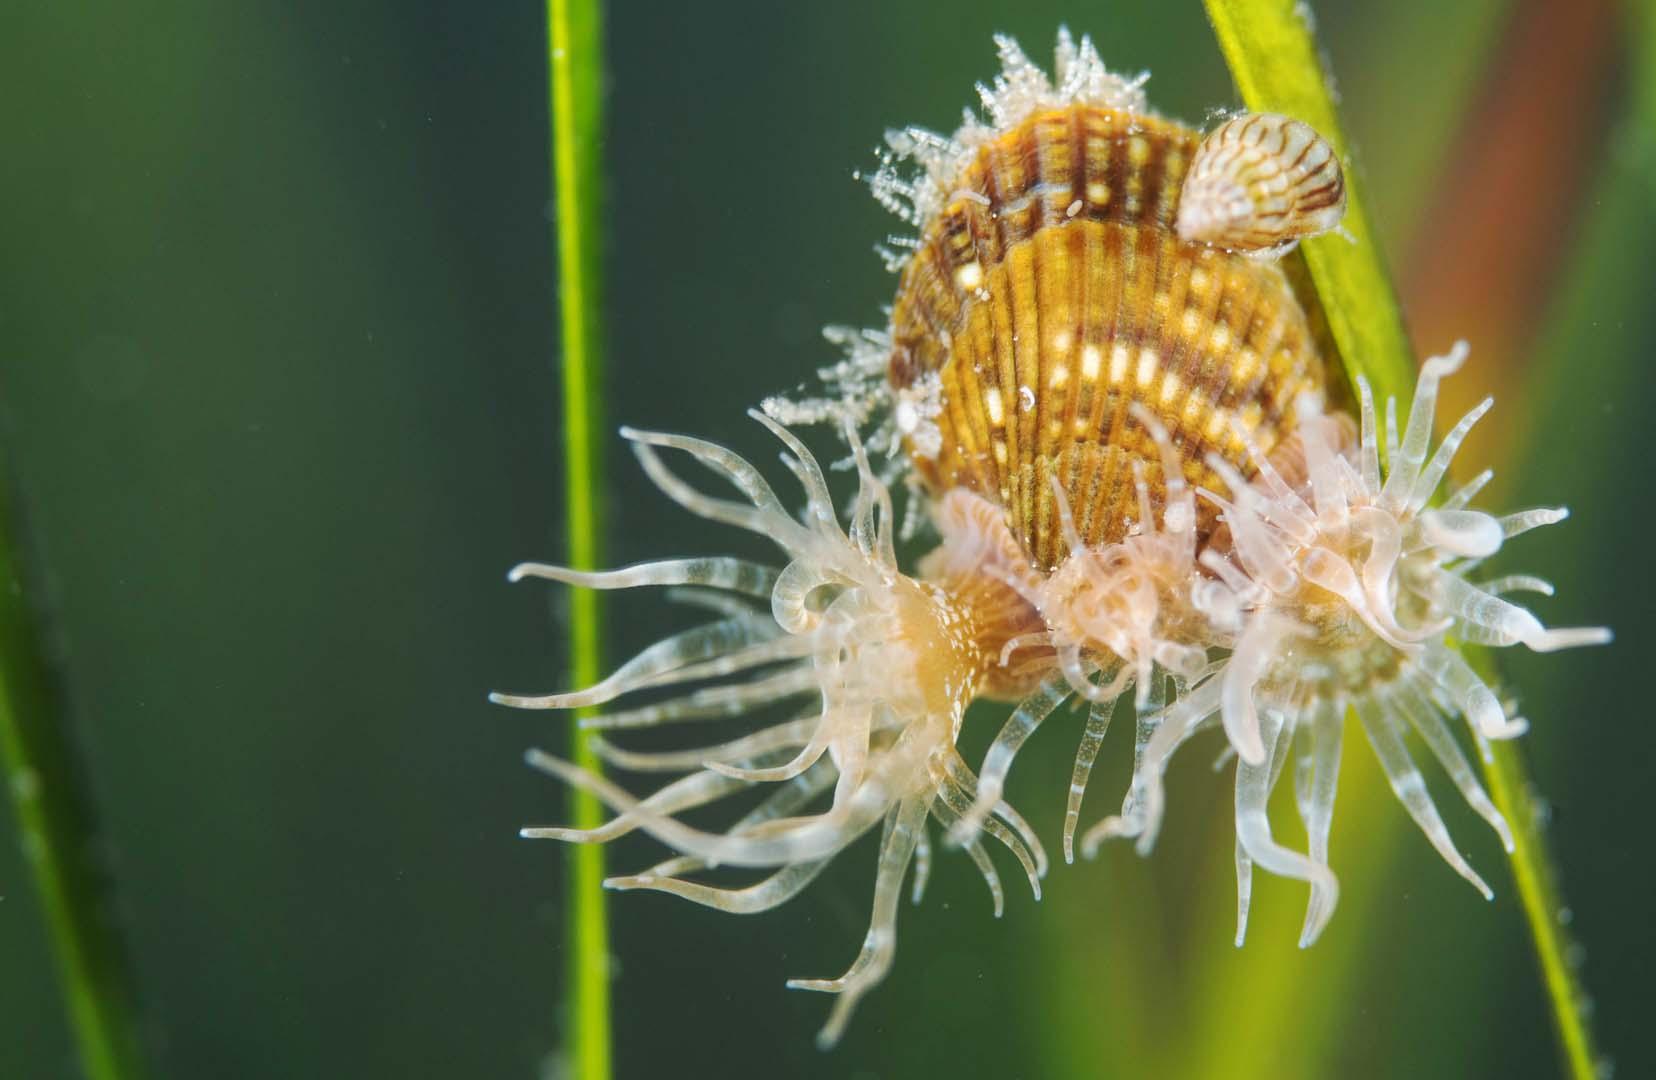 Ejemplar adulto repleto de anémonas de mar. Detalle de la coloración .